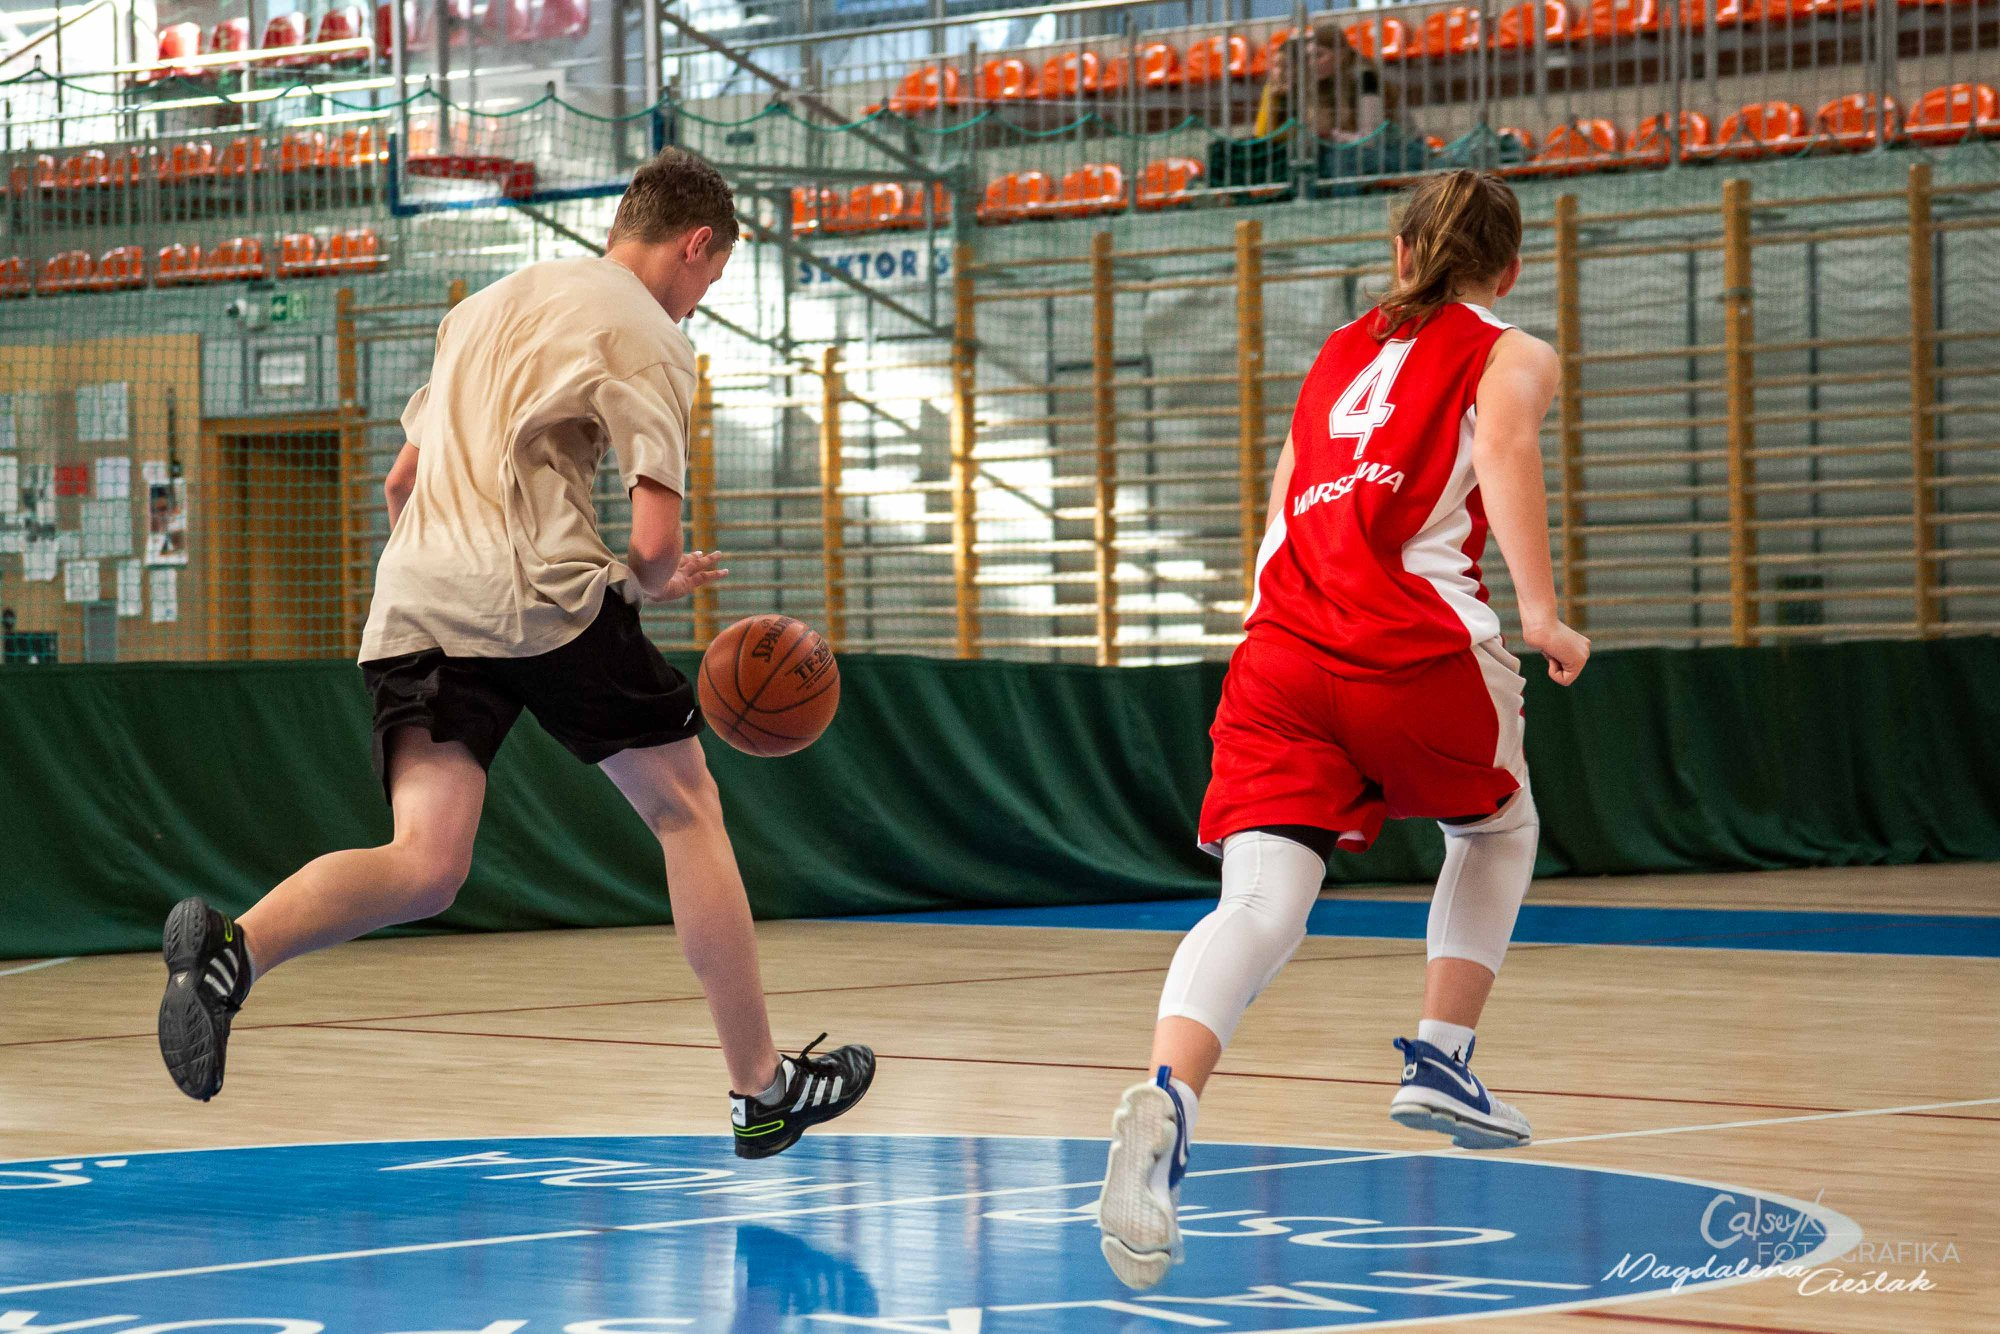 Gdy kończysz karierę sportową, wcale nie musisz przestać zajmować się sportem.